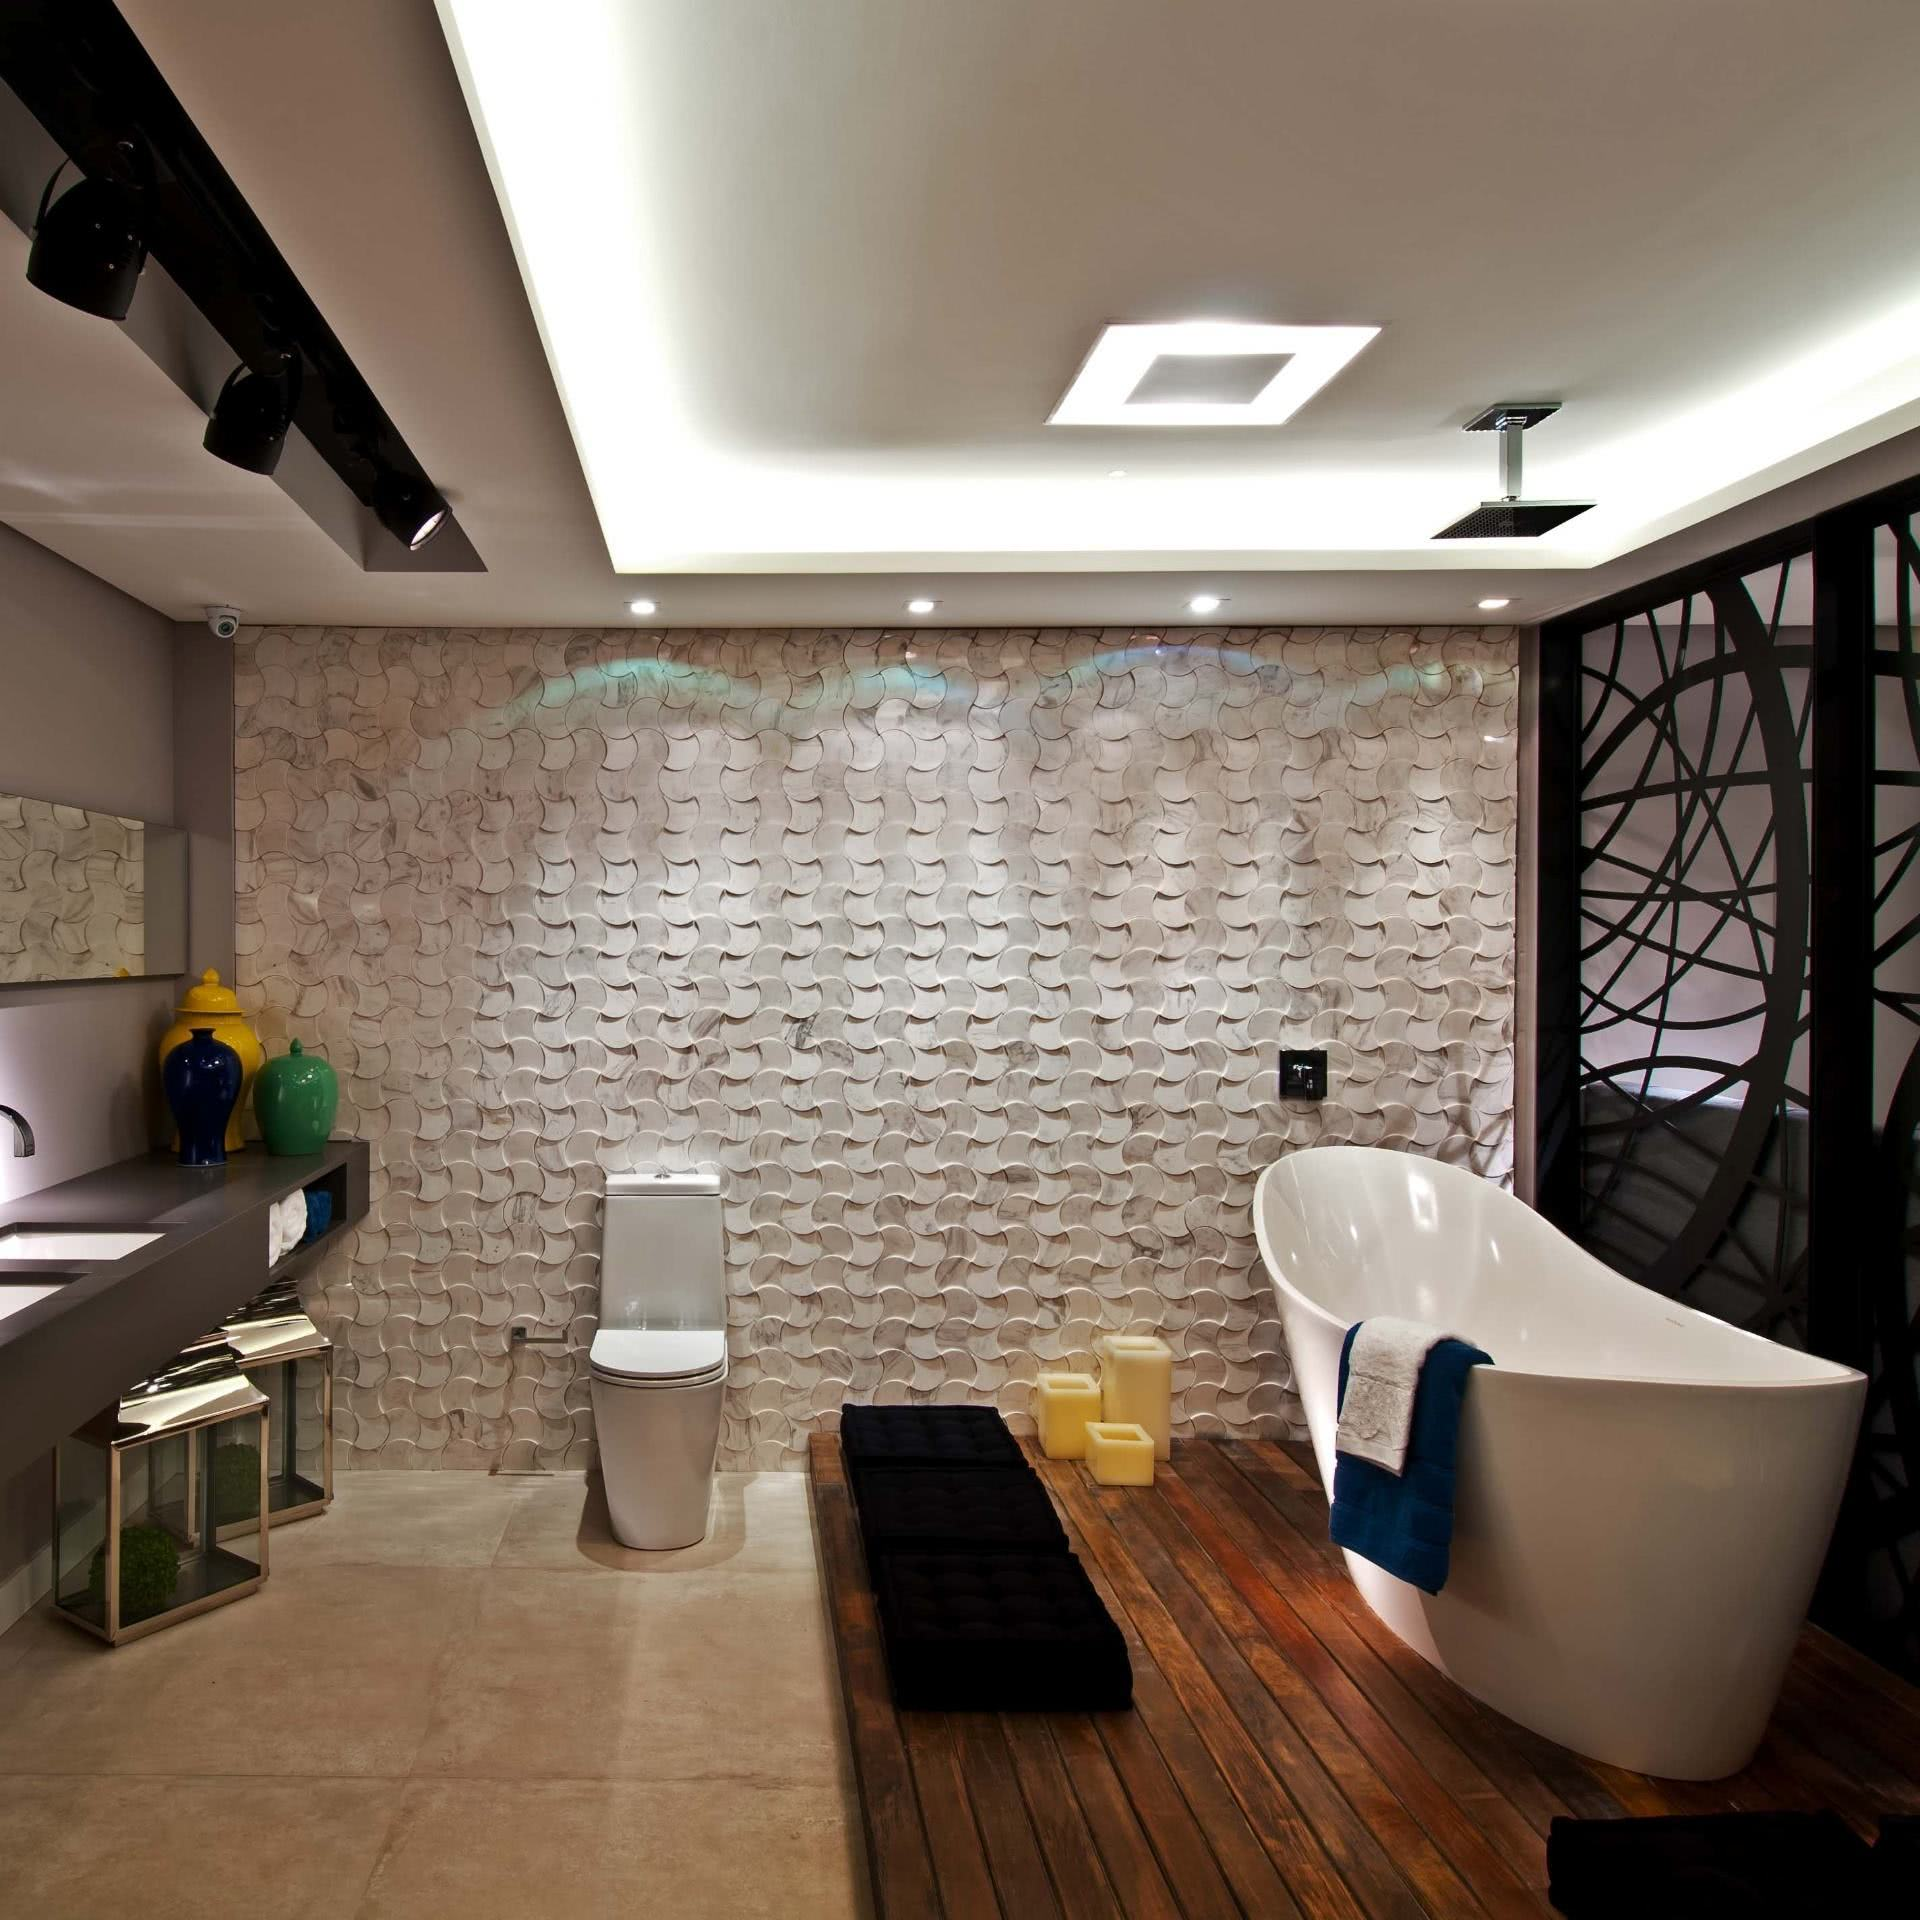 O piso com deck de madeira acompanha muito bem a proposta de banheiros modernos